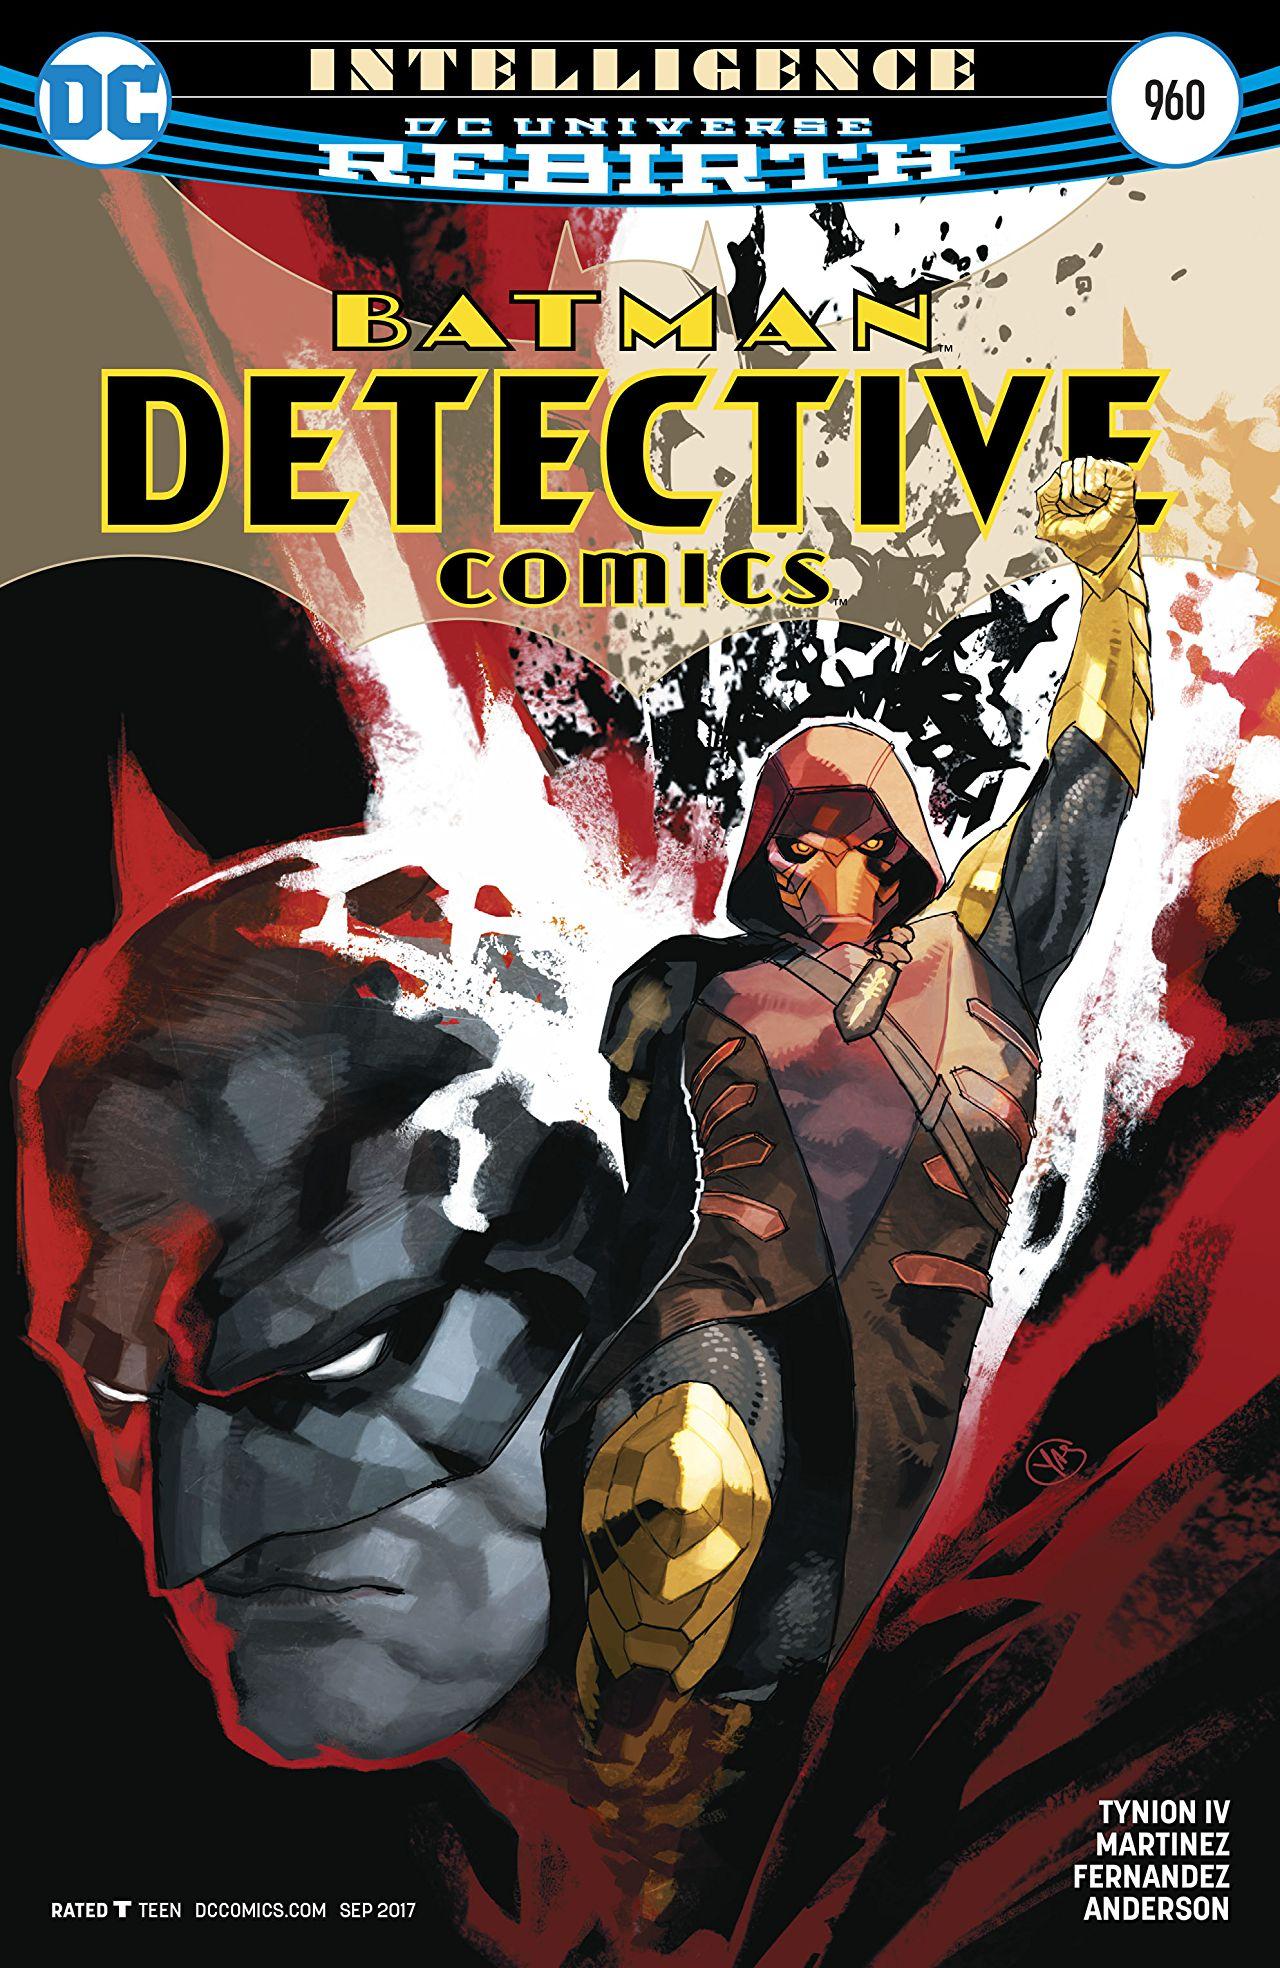 Detective Comics Vol 1 960